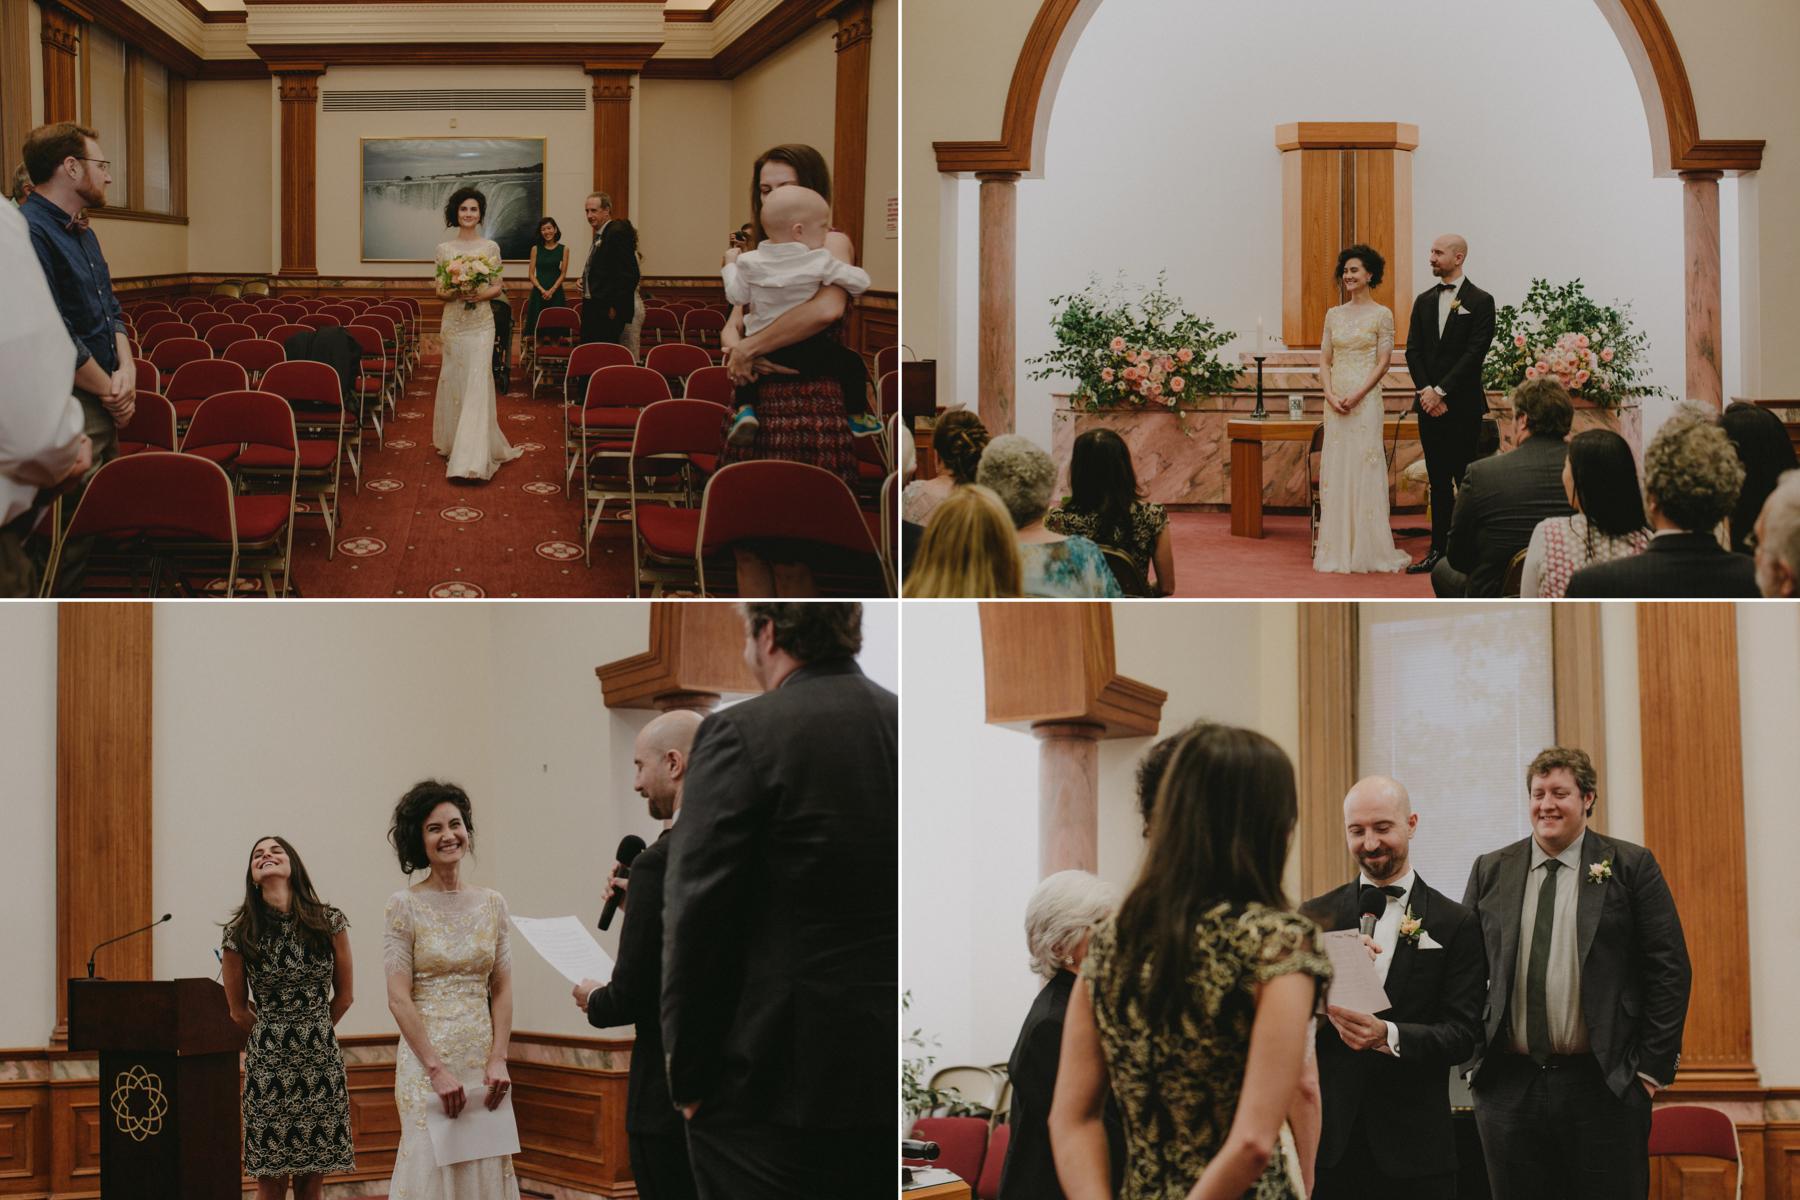 norwood_club_nyc_wedding_chellise_michael_photography188.JPG